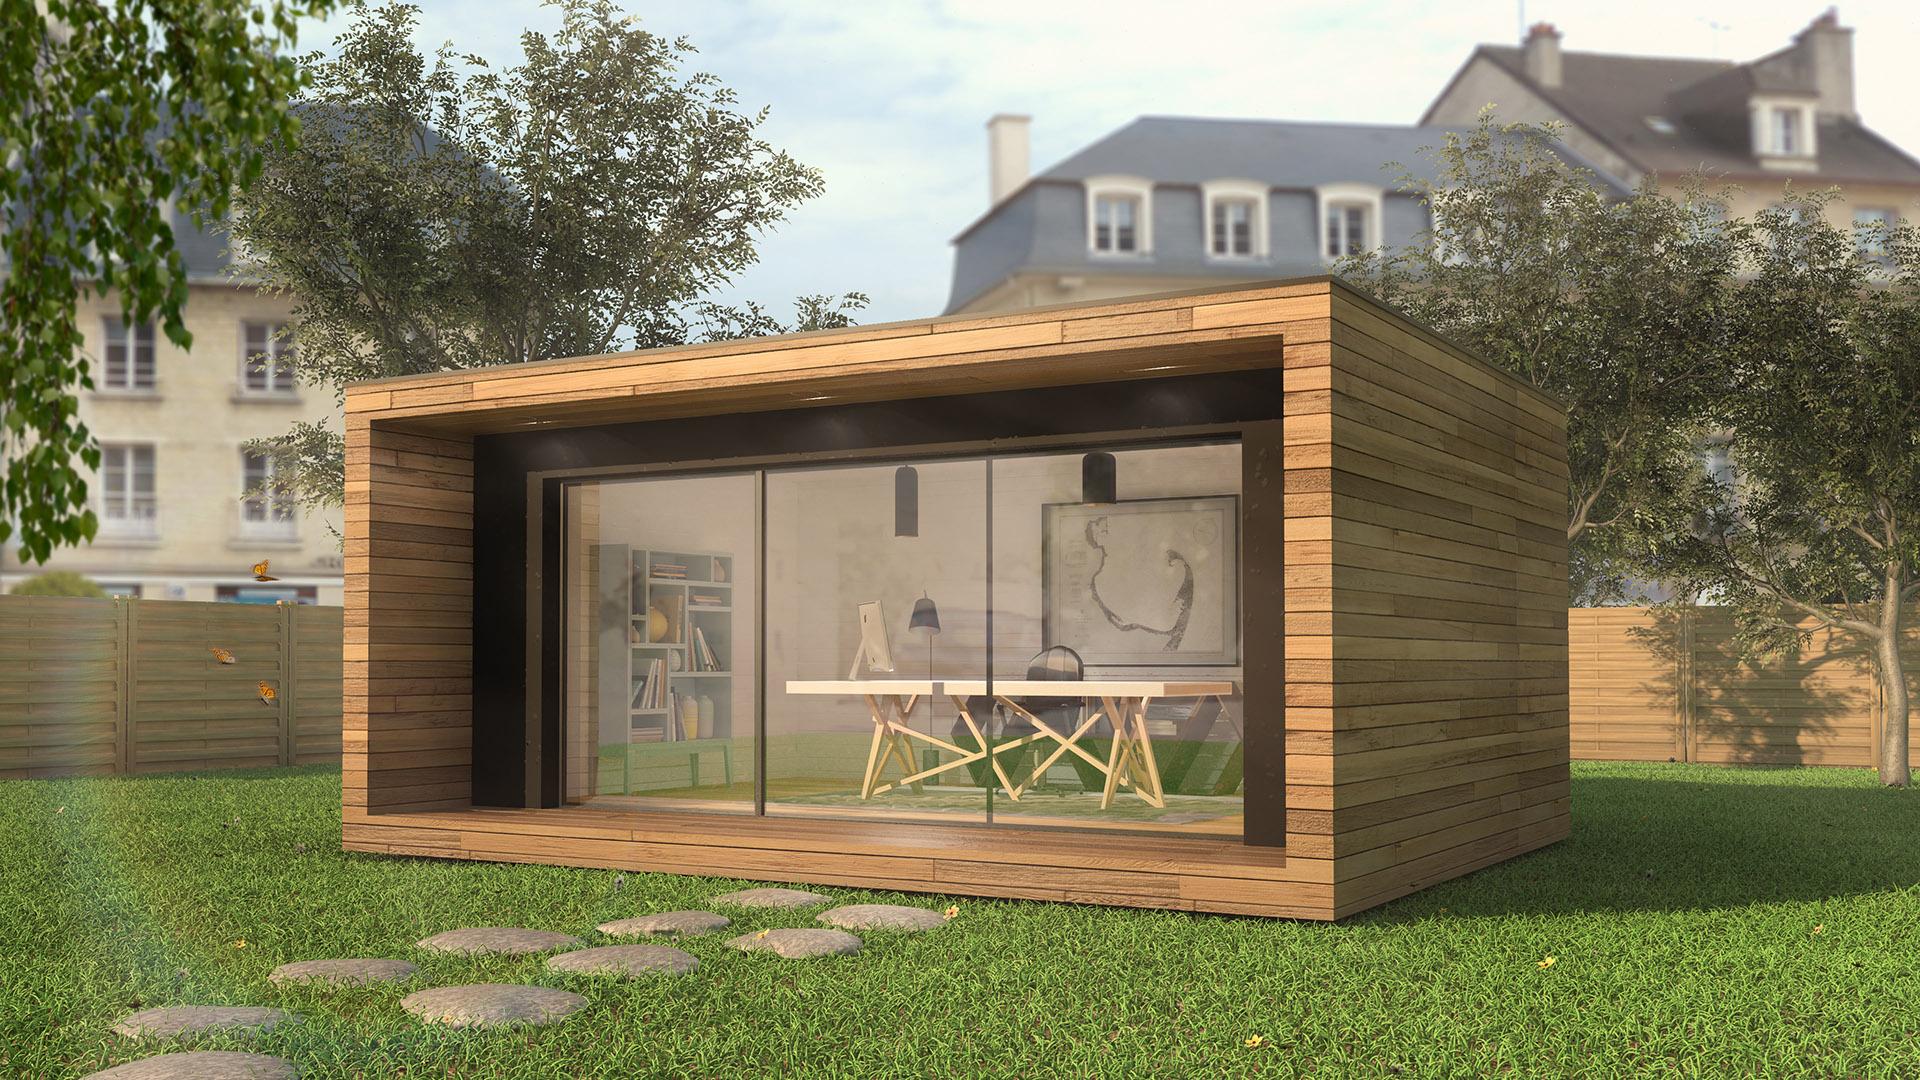 Bureau De Jardin - Bois - Atj Graphics encequiconcerne Abri De Jardin Habitable Design